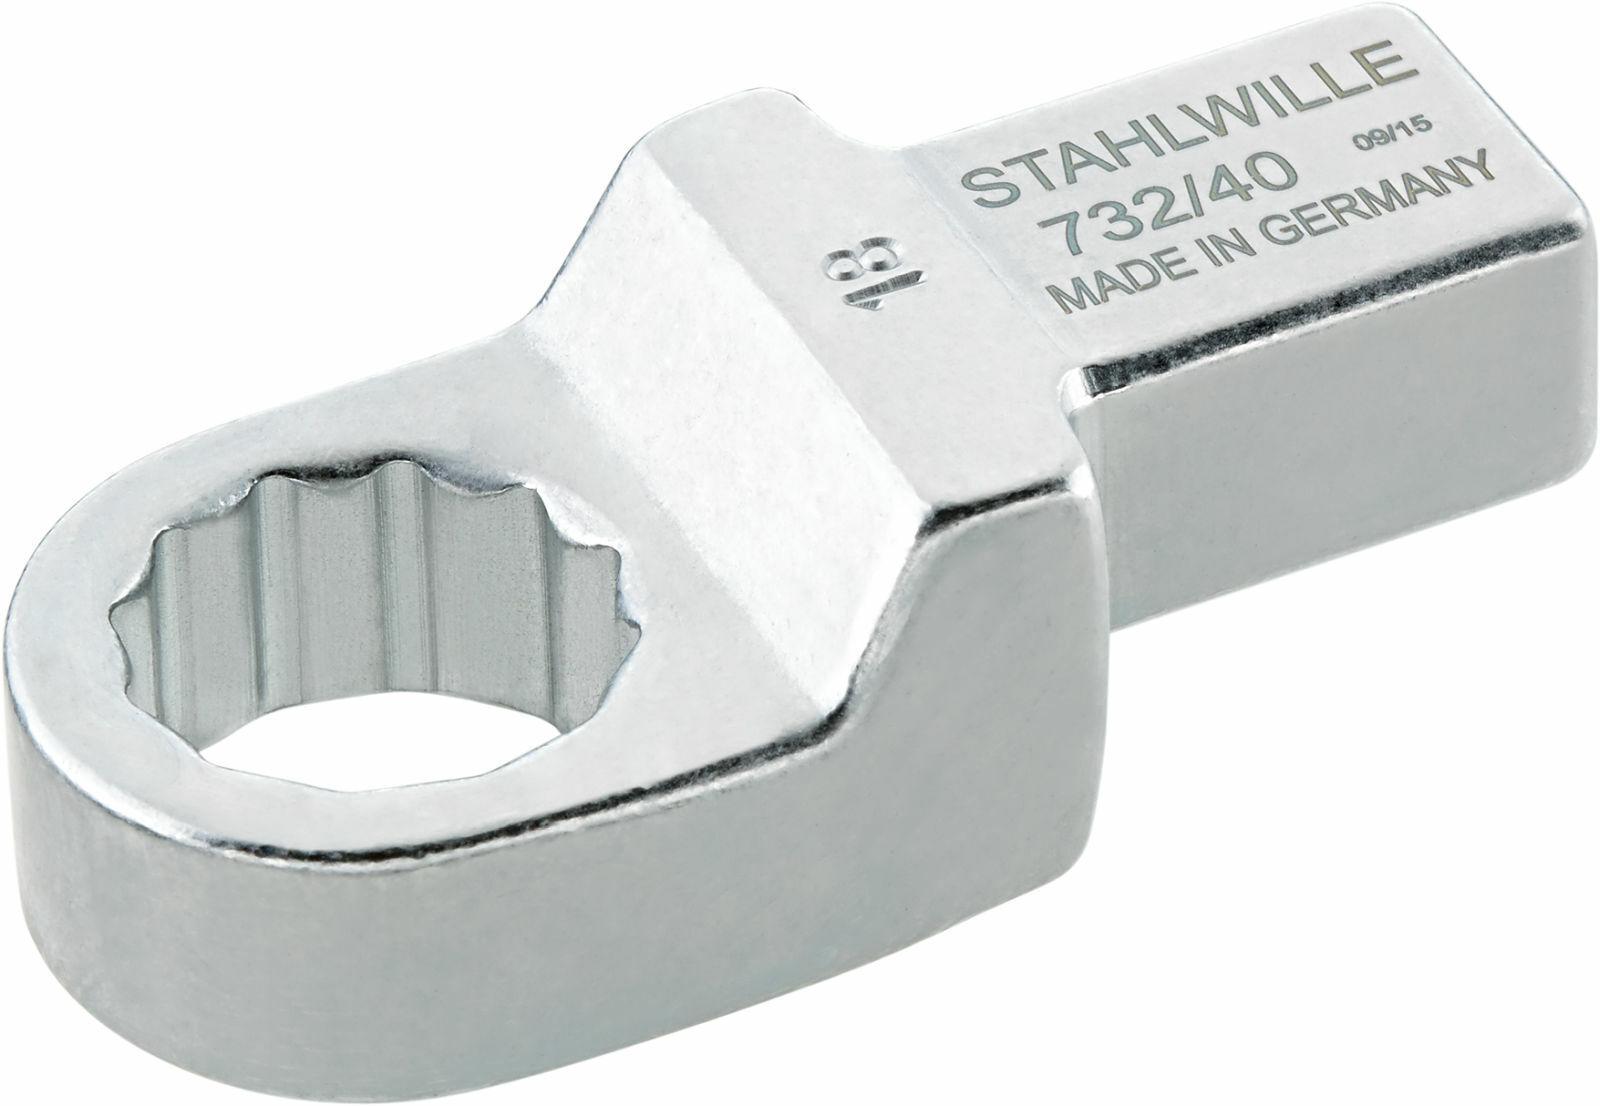 Stahlwille RING INSERT TOOL 14 X 18 MM 58224022